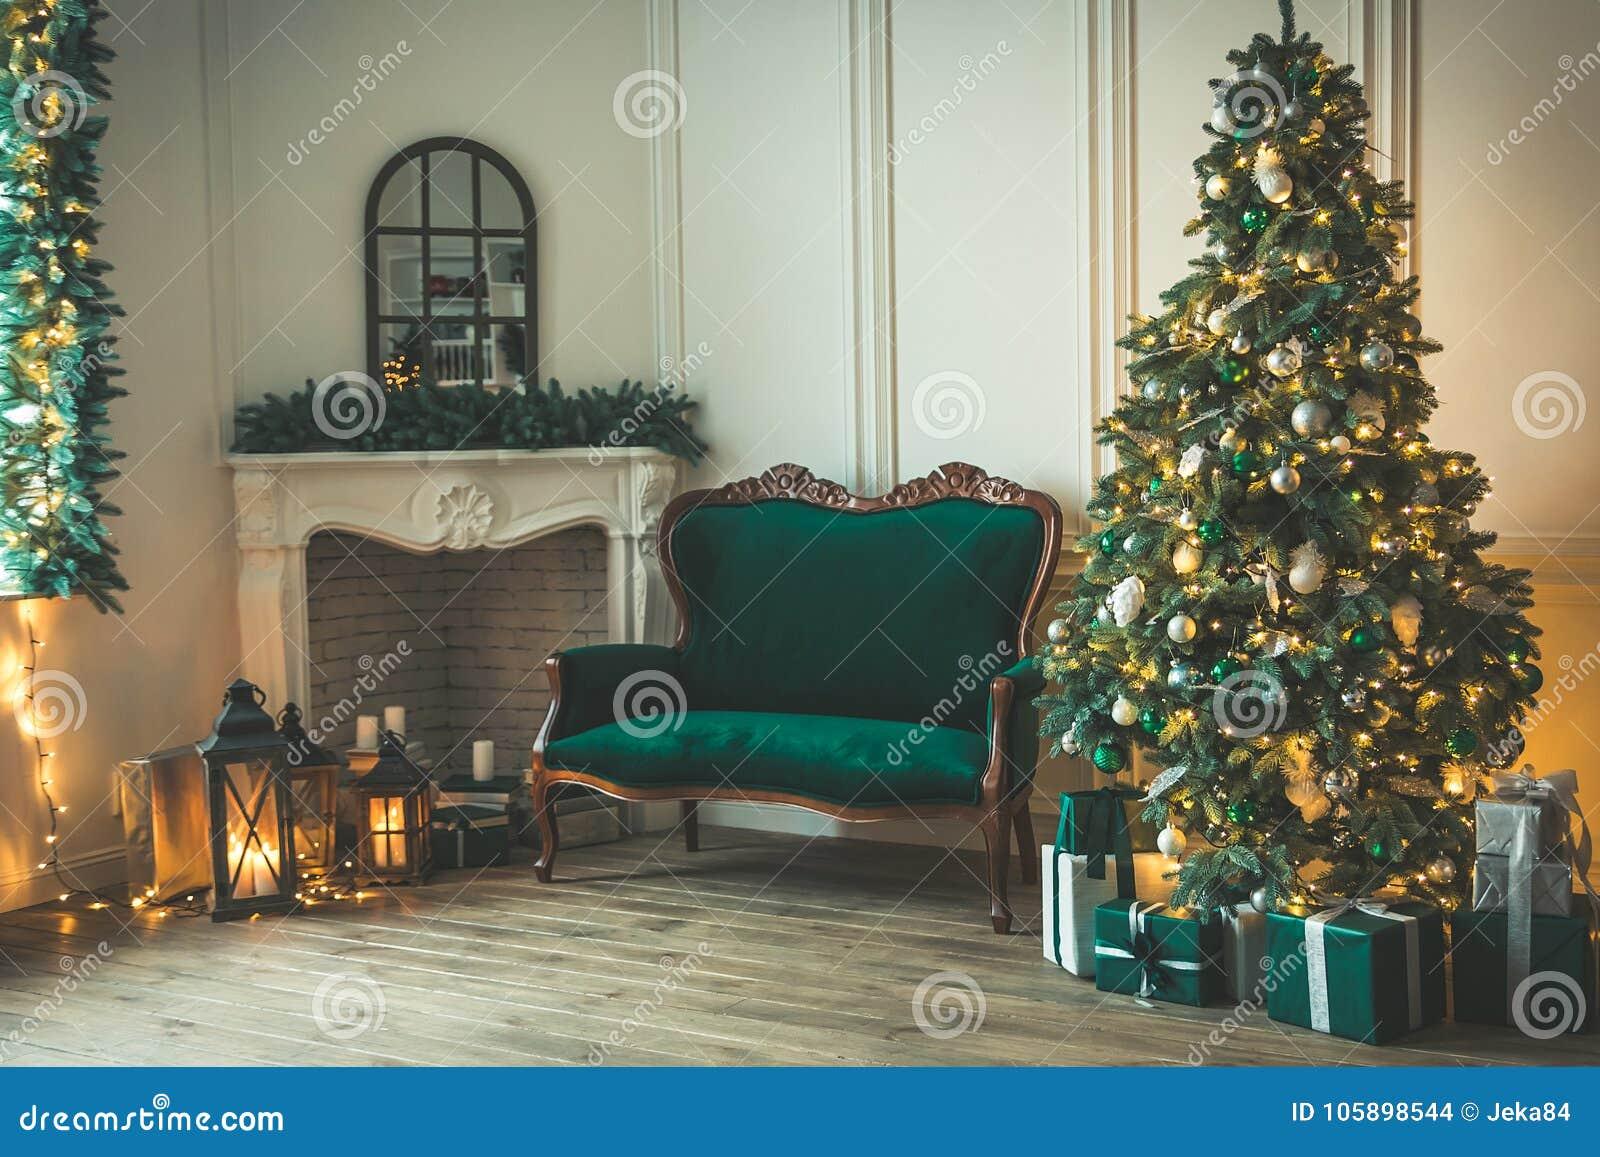 Christmas Living Room With A Fireplace, Sofa, Christmas